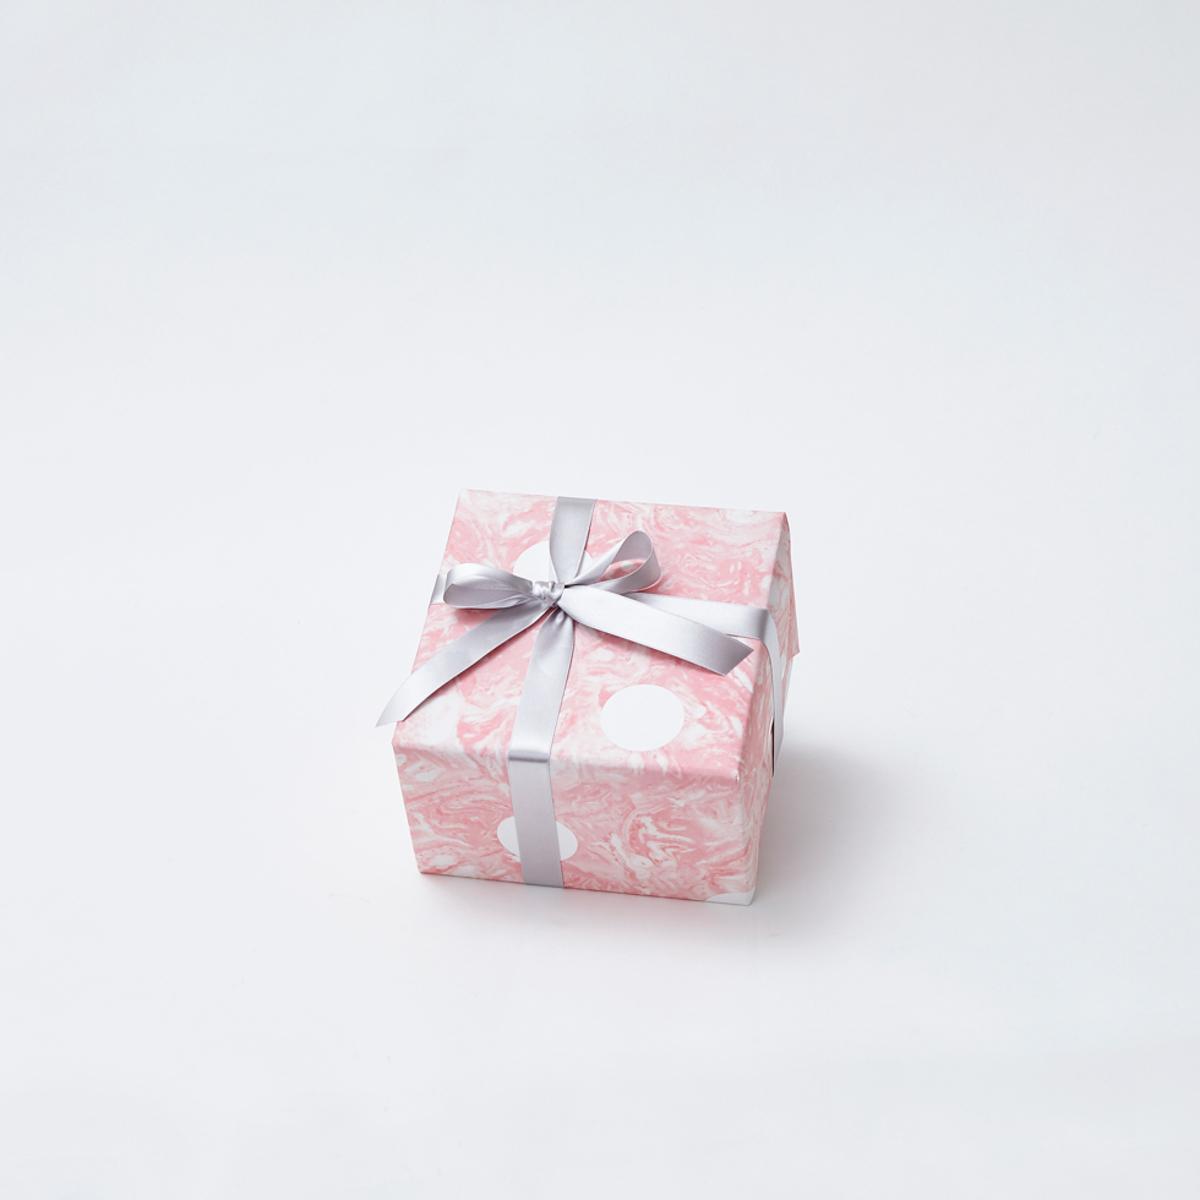 ギフト包装が新しくなりました!|贈るあなたも、贈られた方も、笑顔になるストーリー